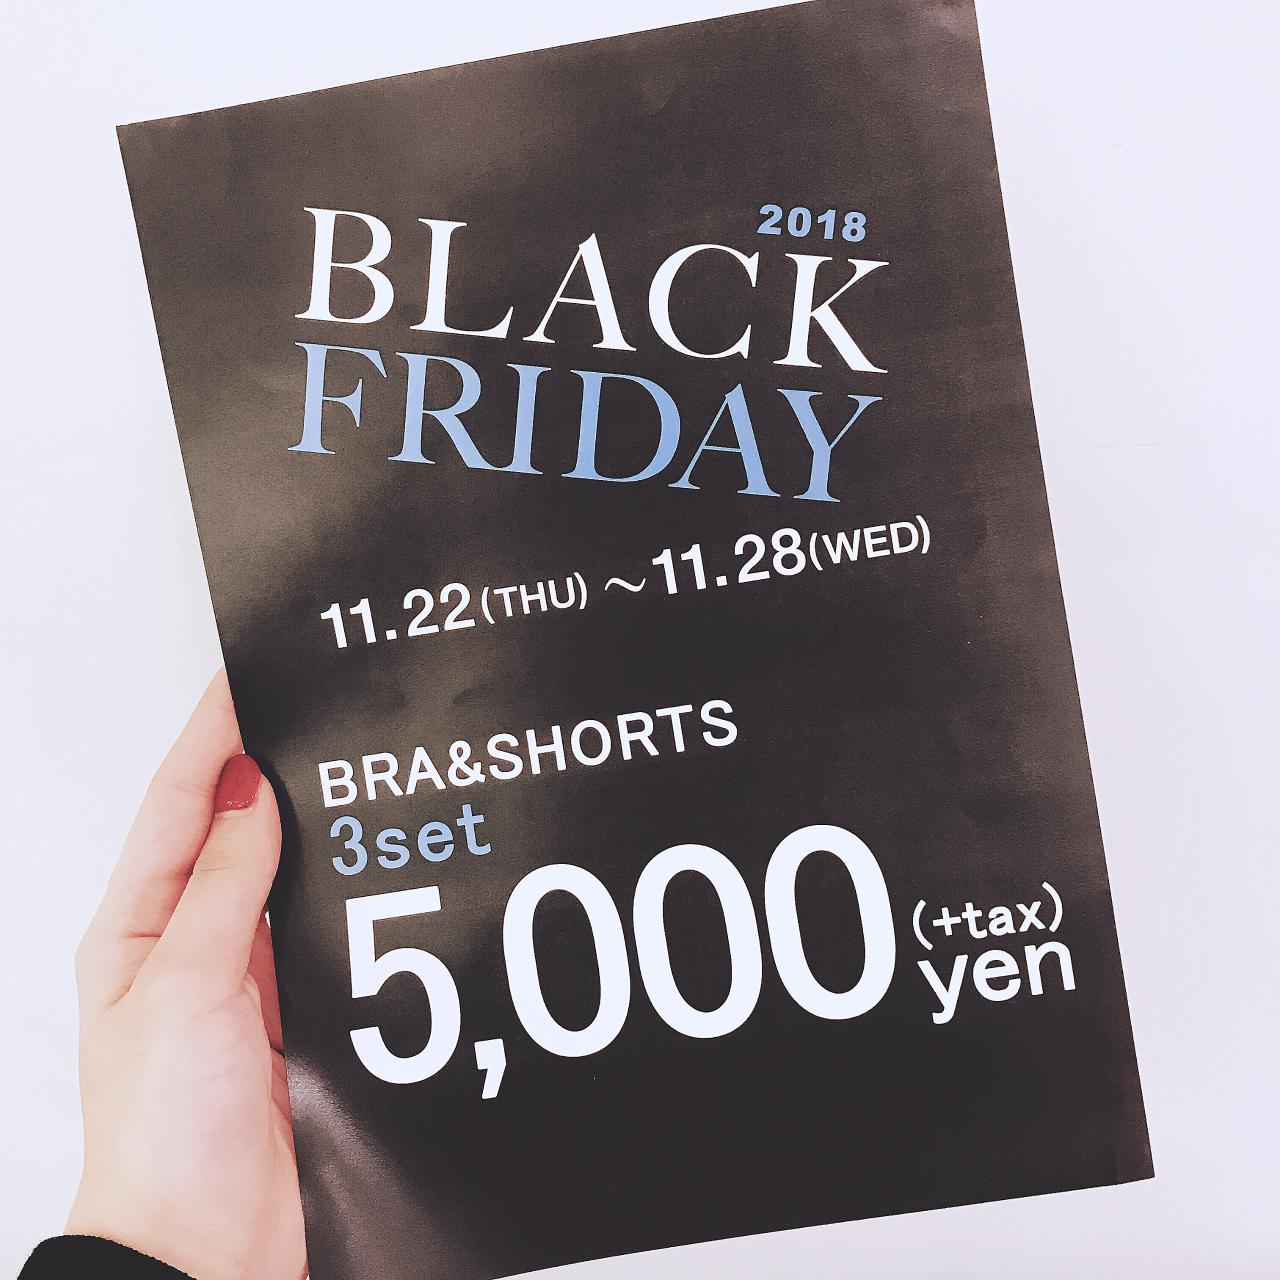 BLACK FRIDAY ① ブラ&ショーツ3セット!お得な黒袋【マロニエゲート銀座店】の写真